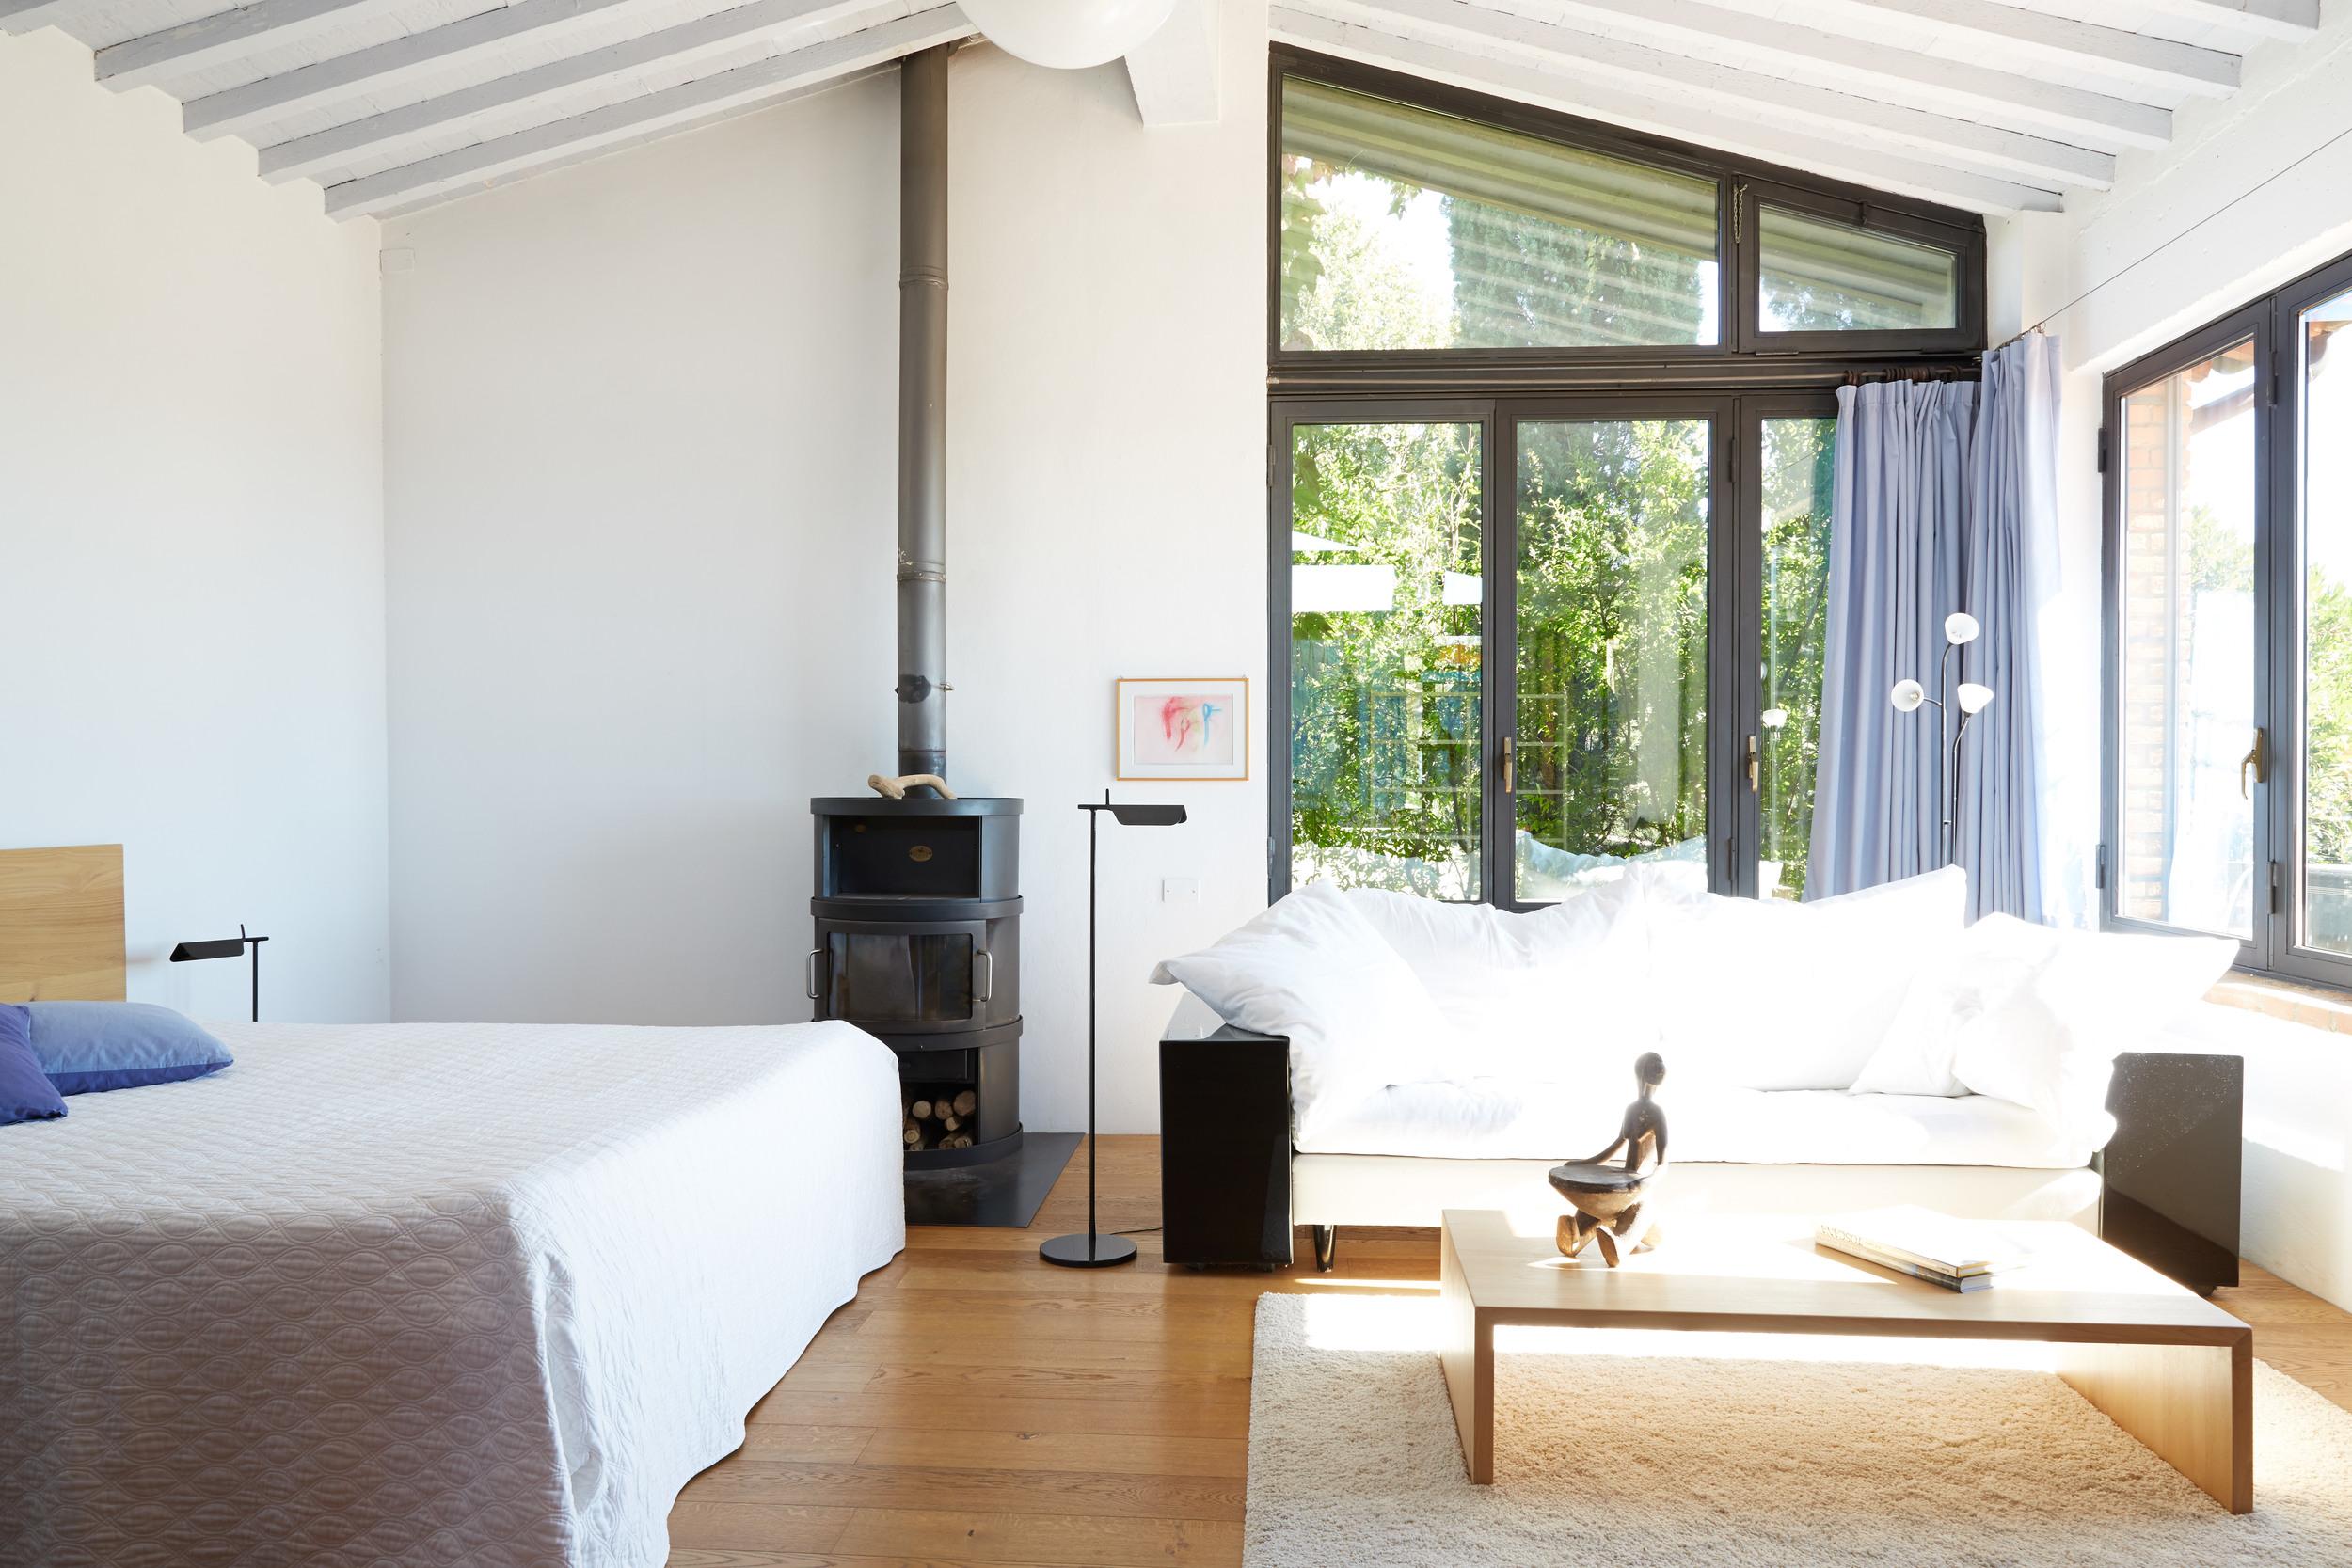 Grosszügige Loft für zwei Personen. Mit grosser Terrasse und grossartiger Aussicht. Ab 125 €/Tag (Off-Saison)